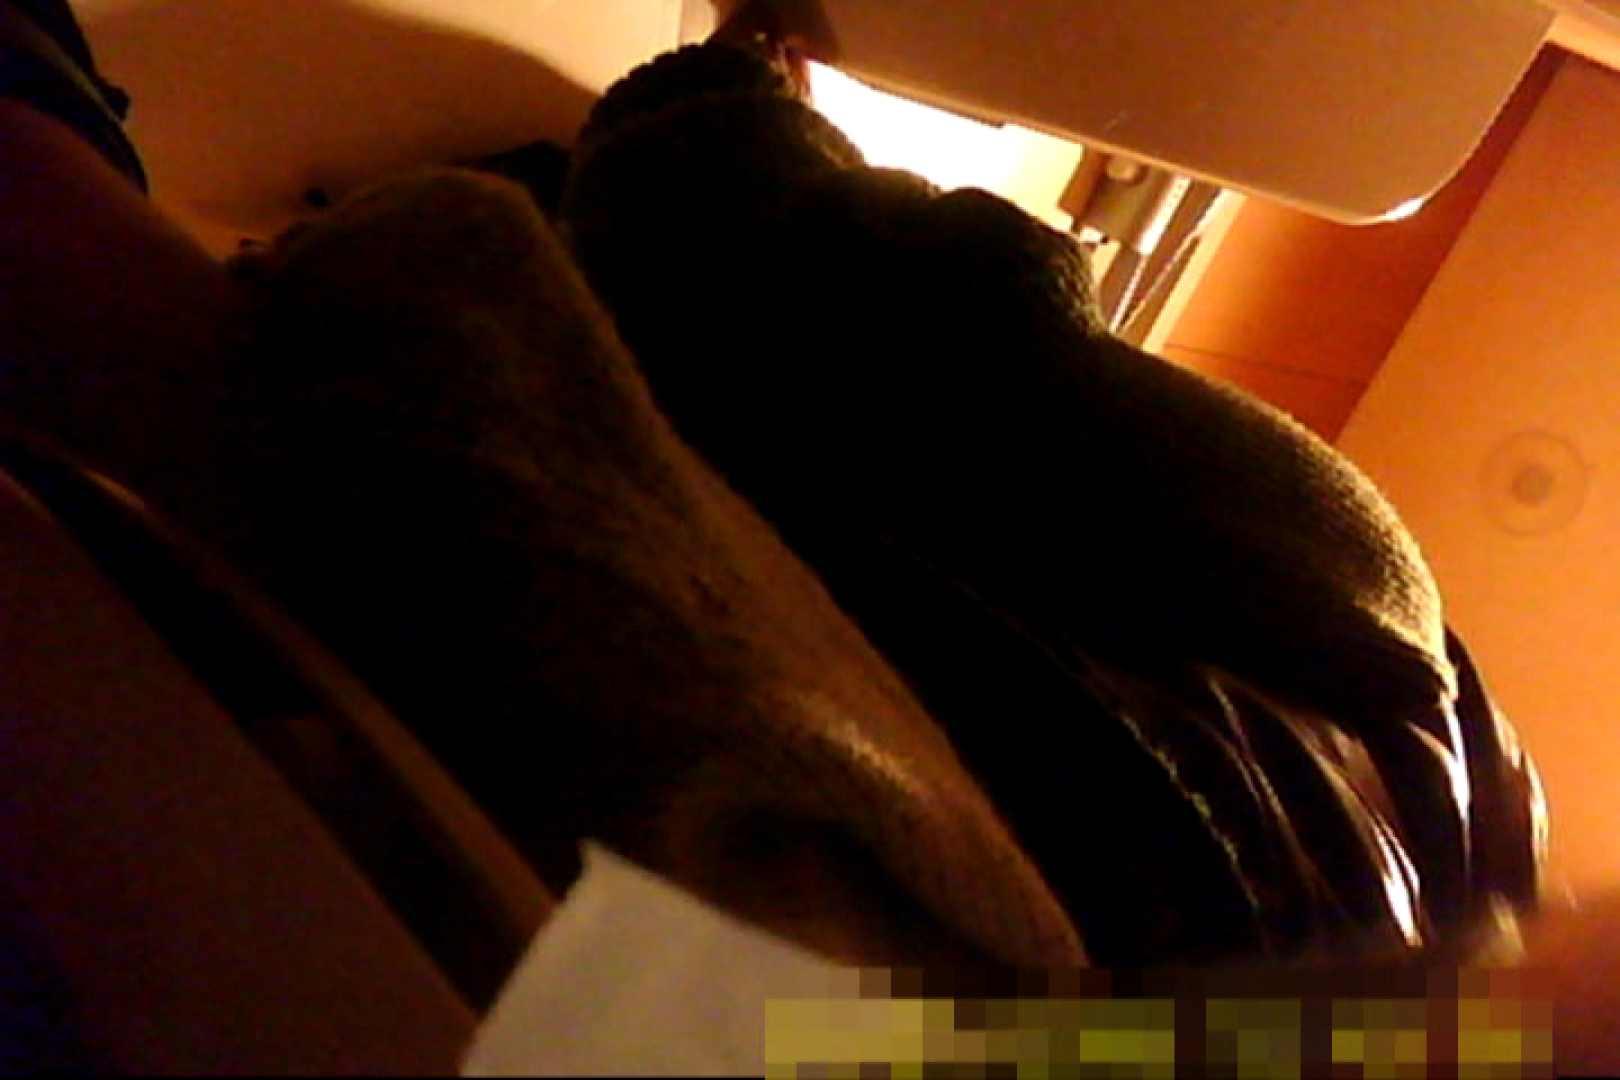 魅惑の化粧室~禁断のプライベート空間~vol.7 OL  90連発 77